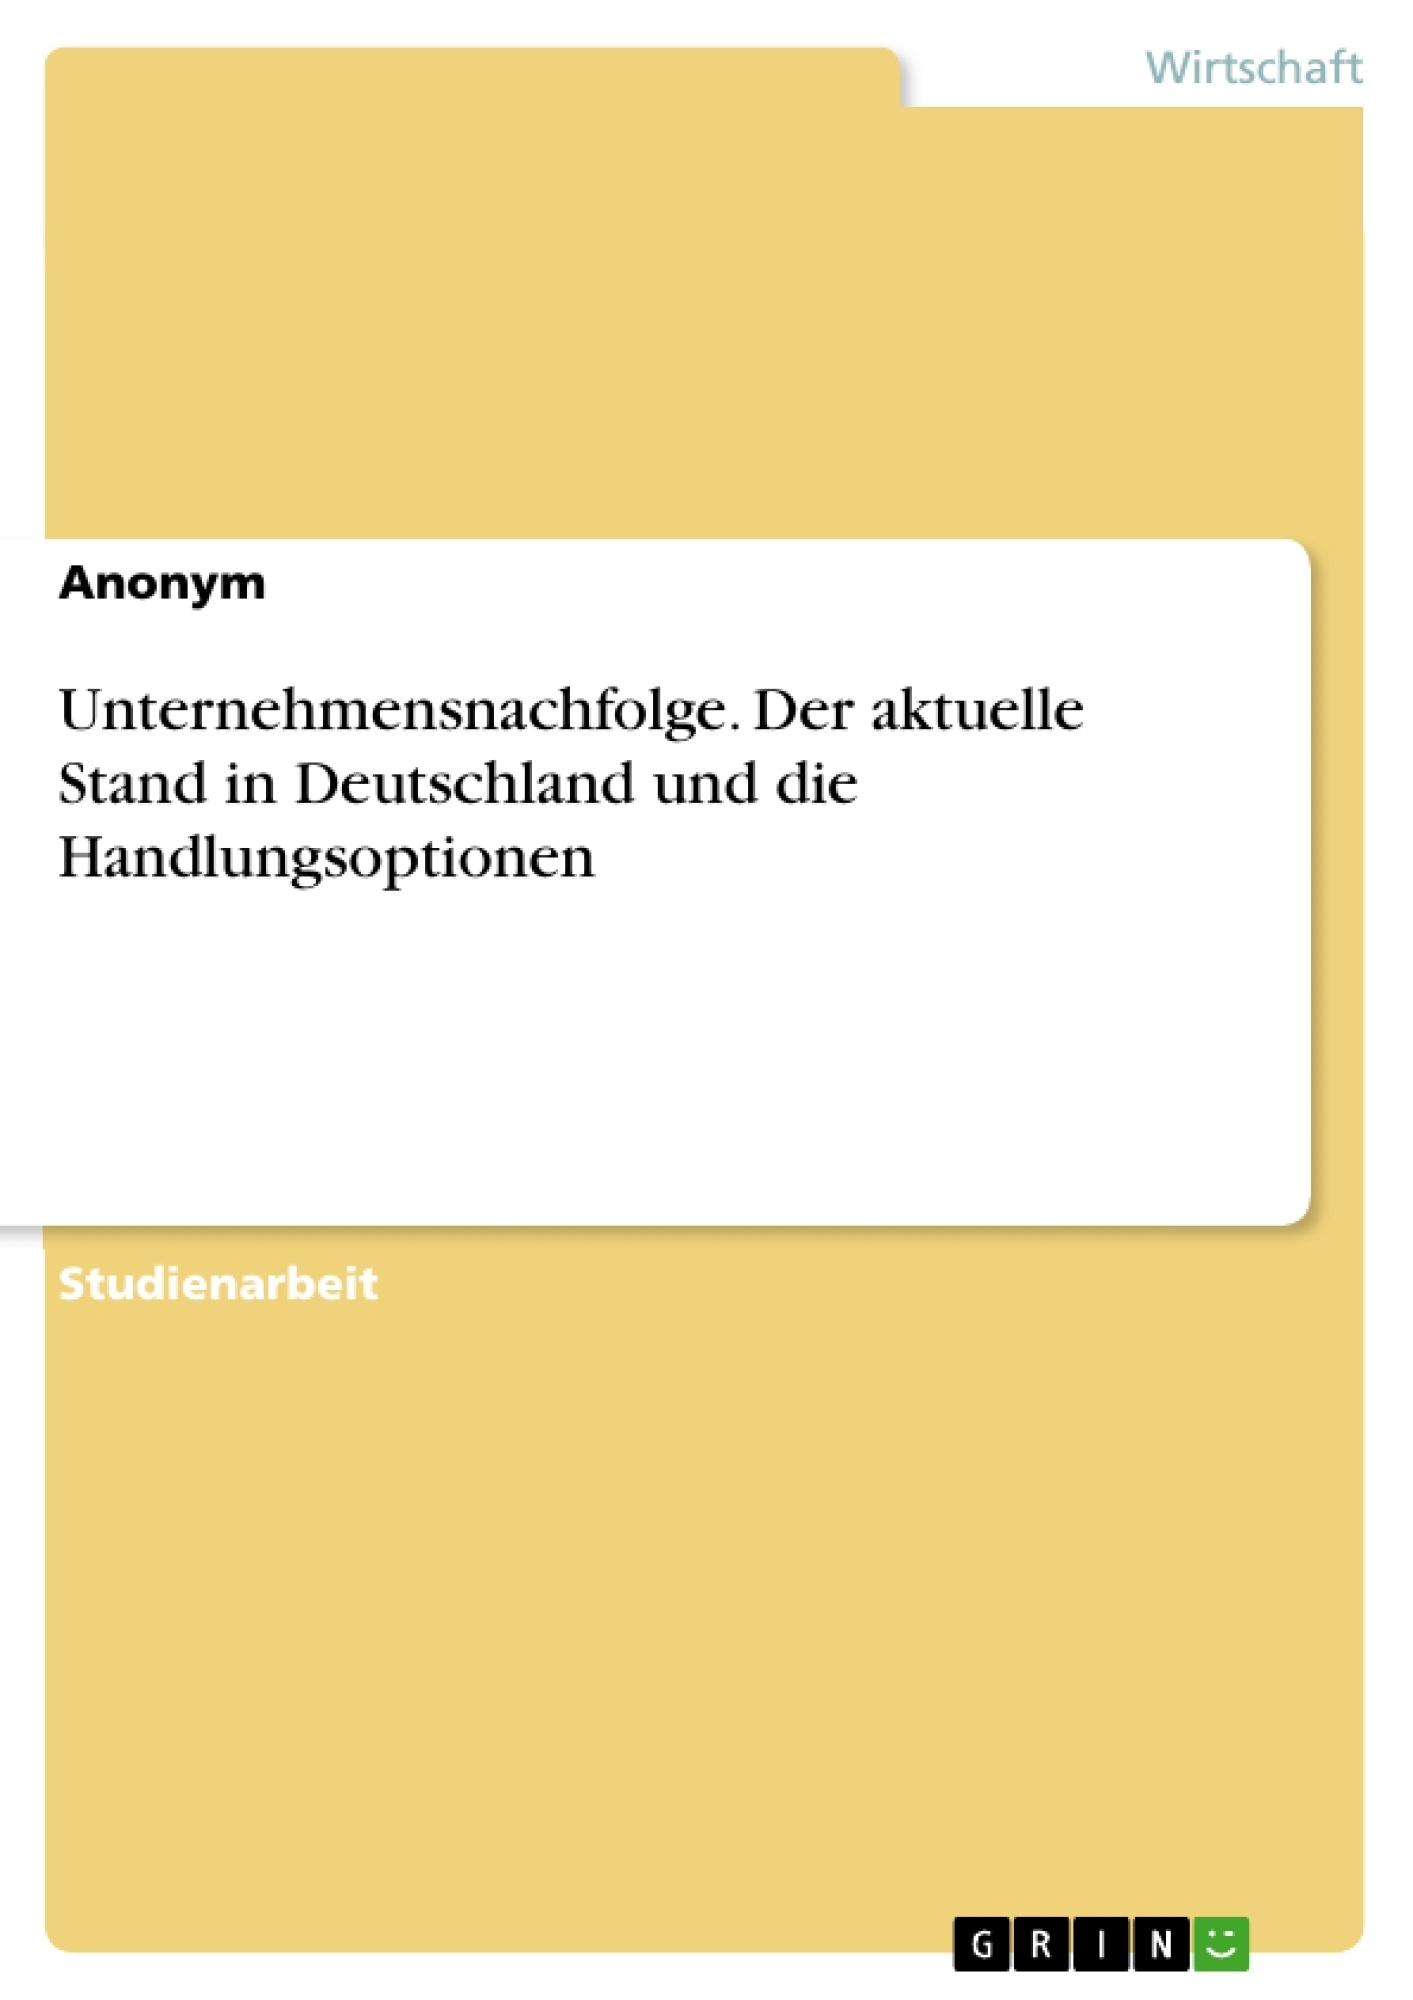 Titel: Unternehmensnachfolge. Der aktuelle Stand in Deutschland und die Handlungsoptionen